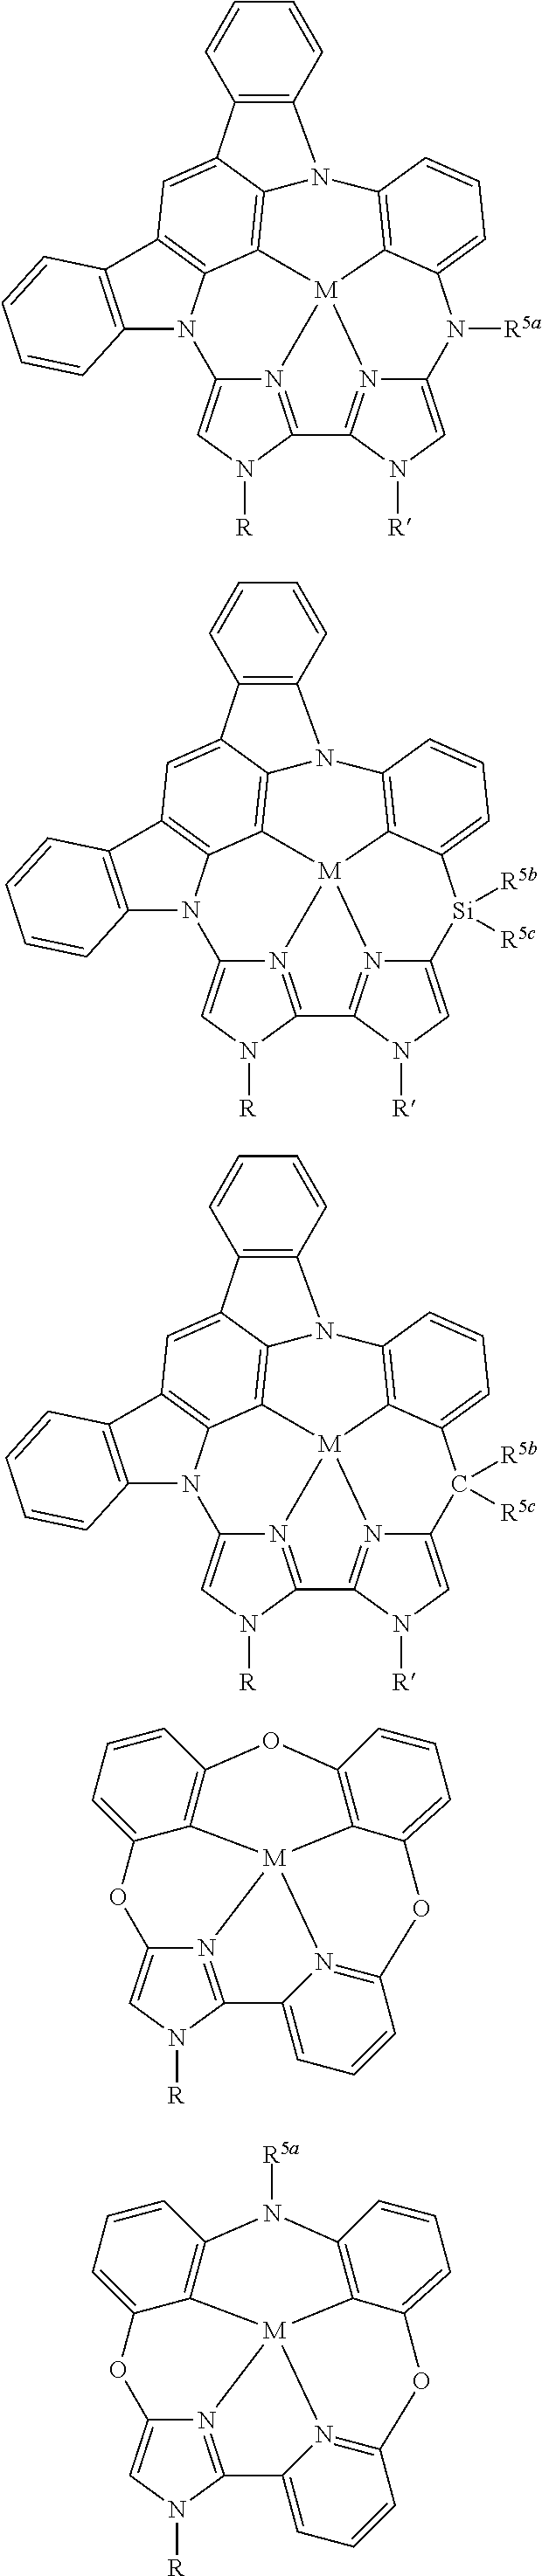 Figure US10158091-20181218-C00296